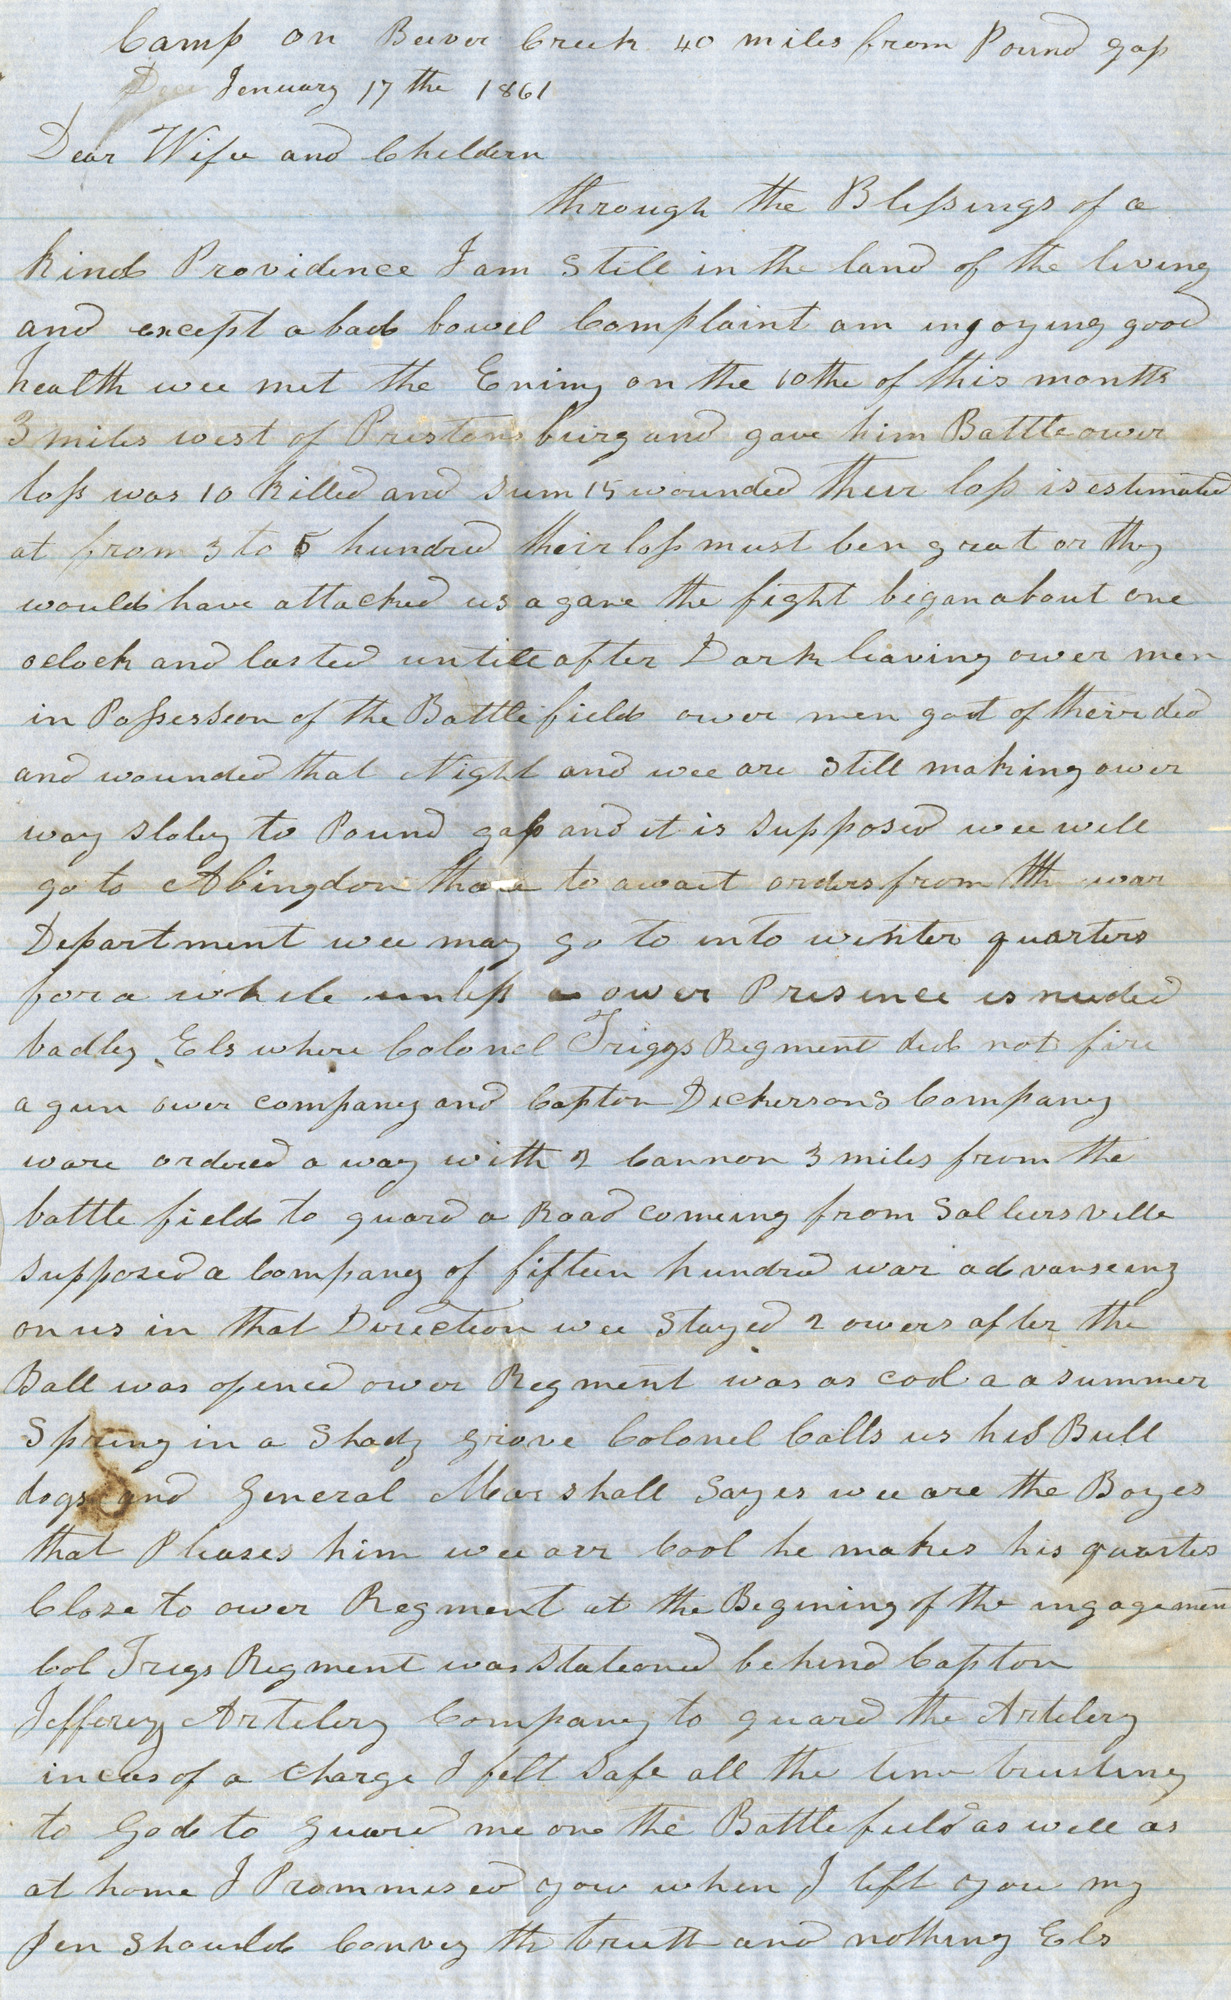 Ms2009-112_CarnahanJohnNewton_Letter_1862_0117a.jpg